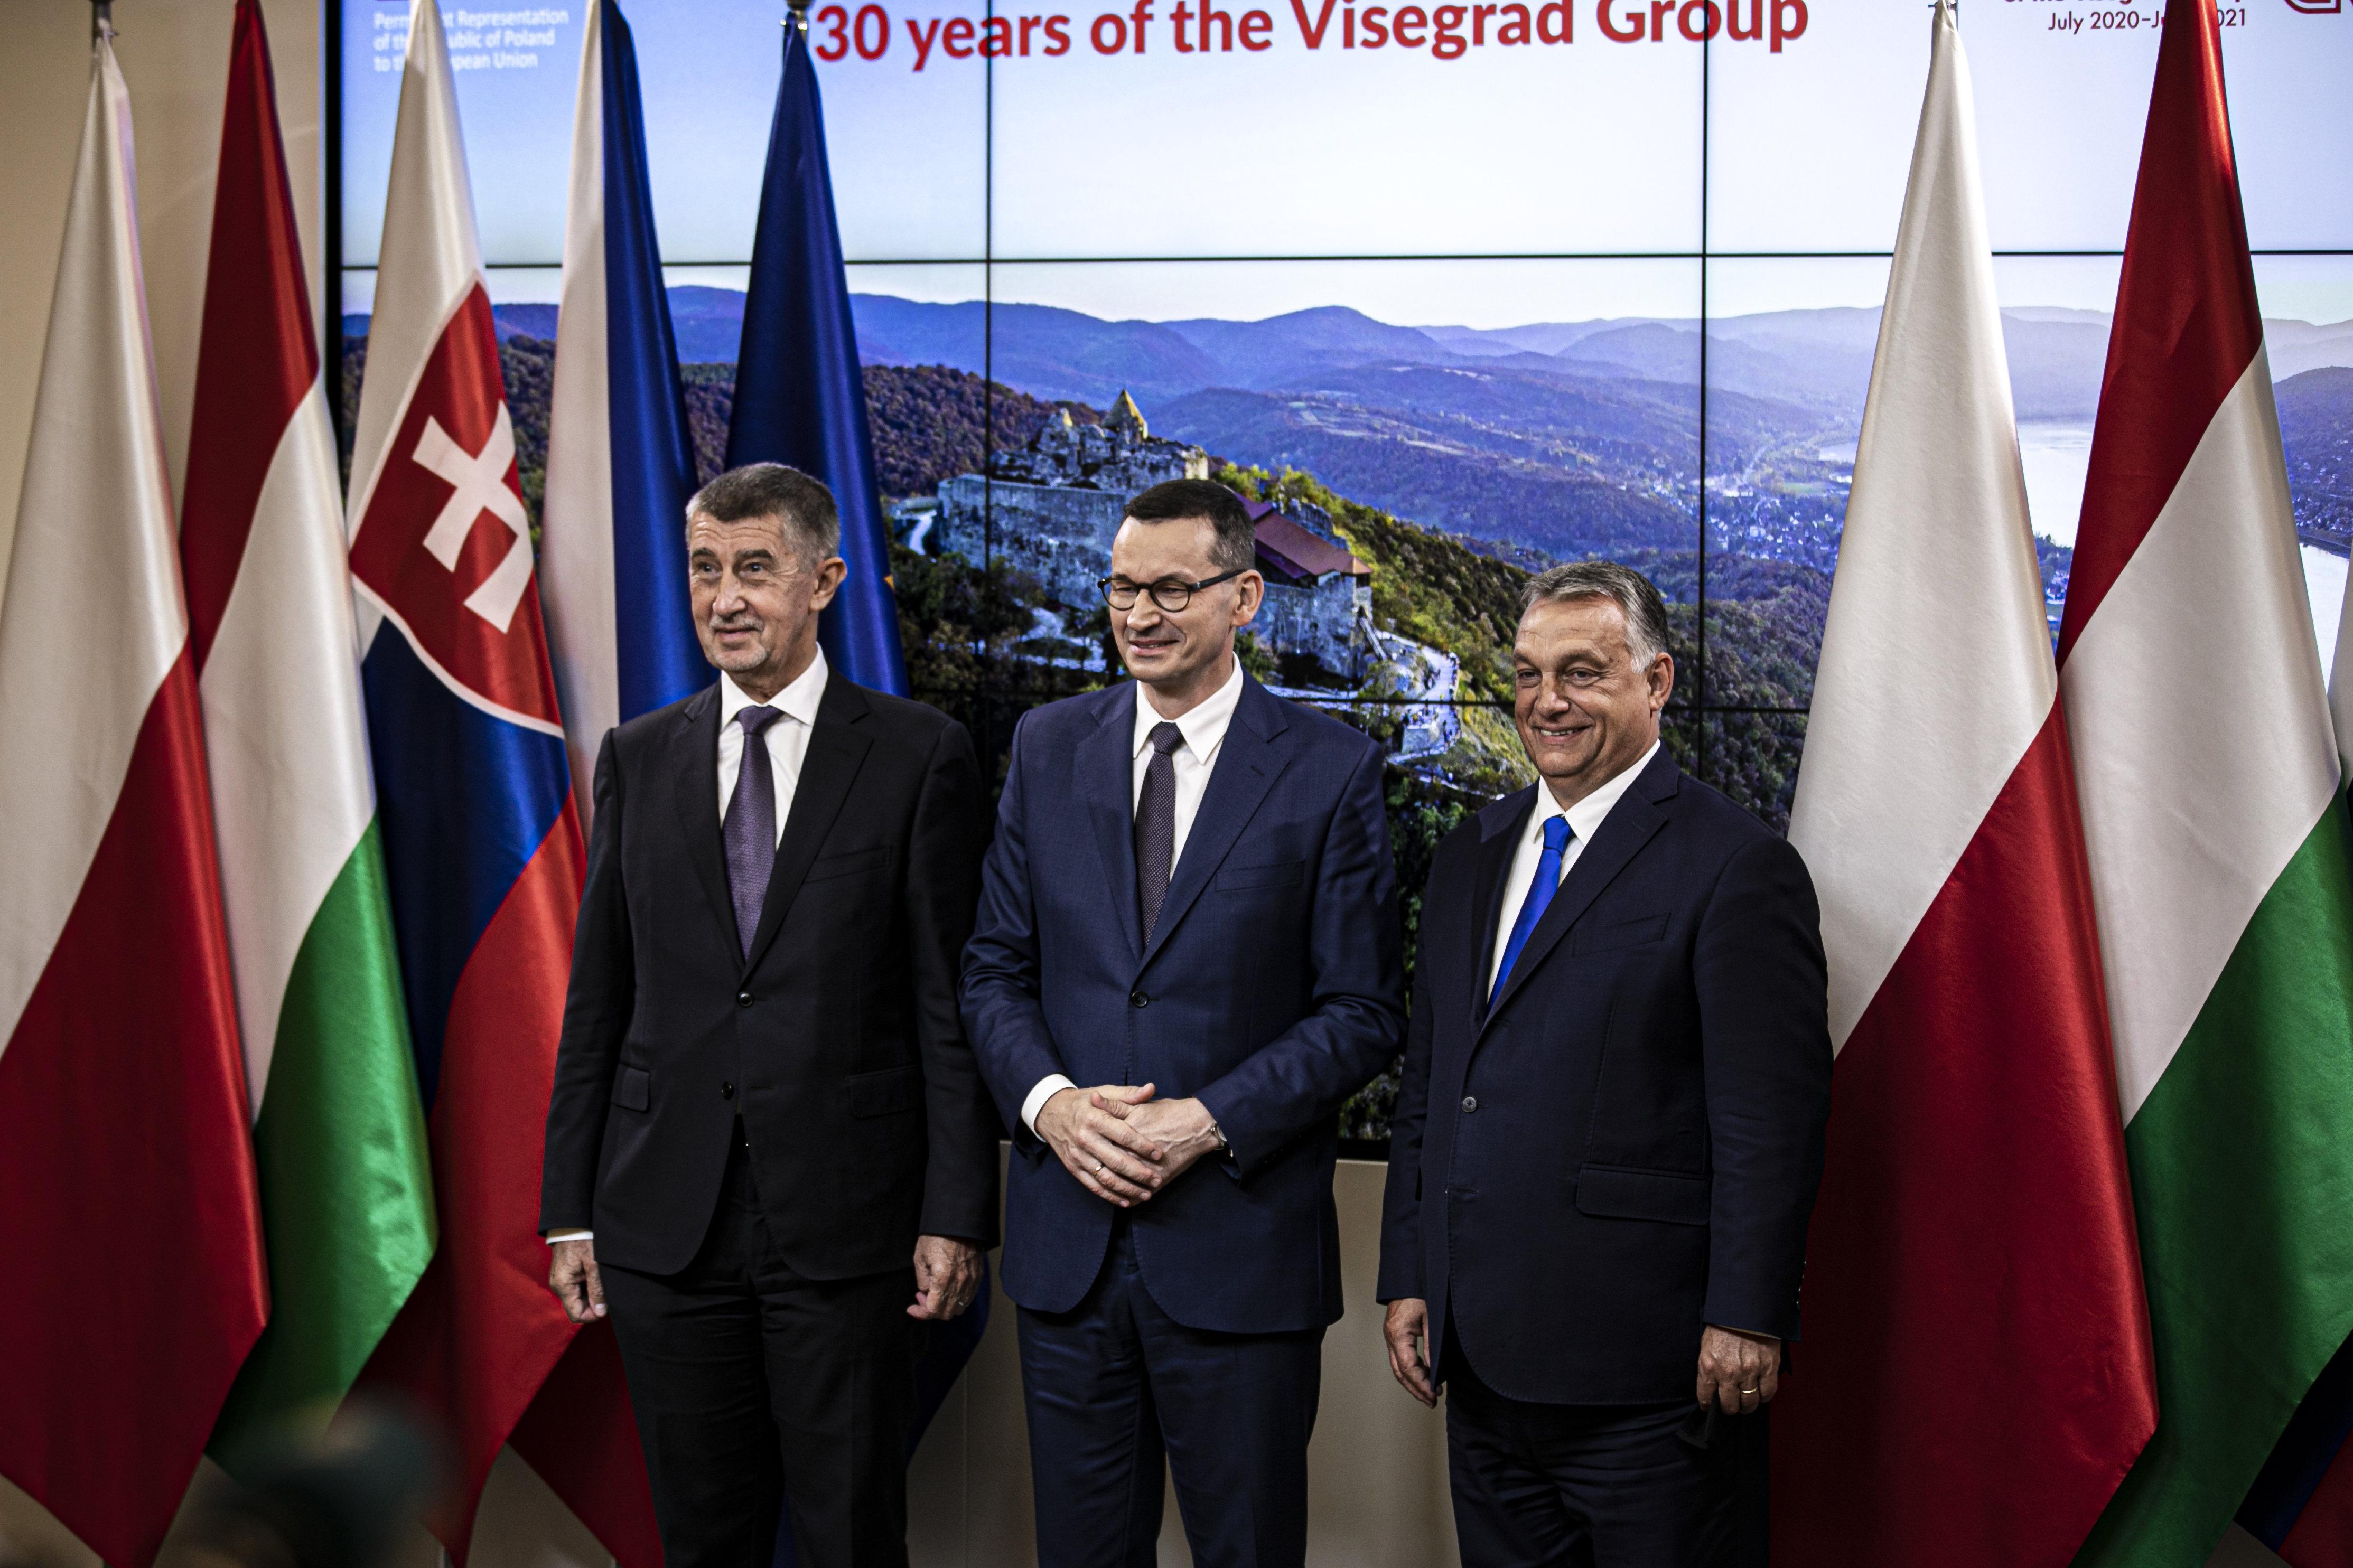 Európa többsége nem Brüsszel befolyásának növelésében, hanem az erős nemzetállami együttműködésében hisz